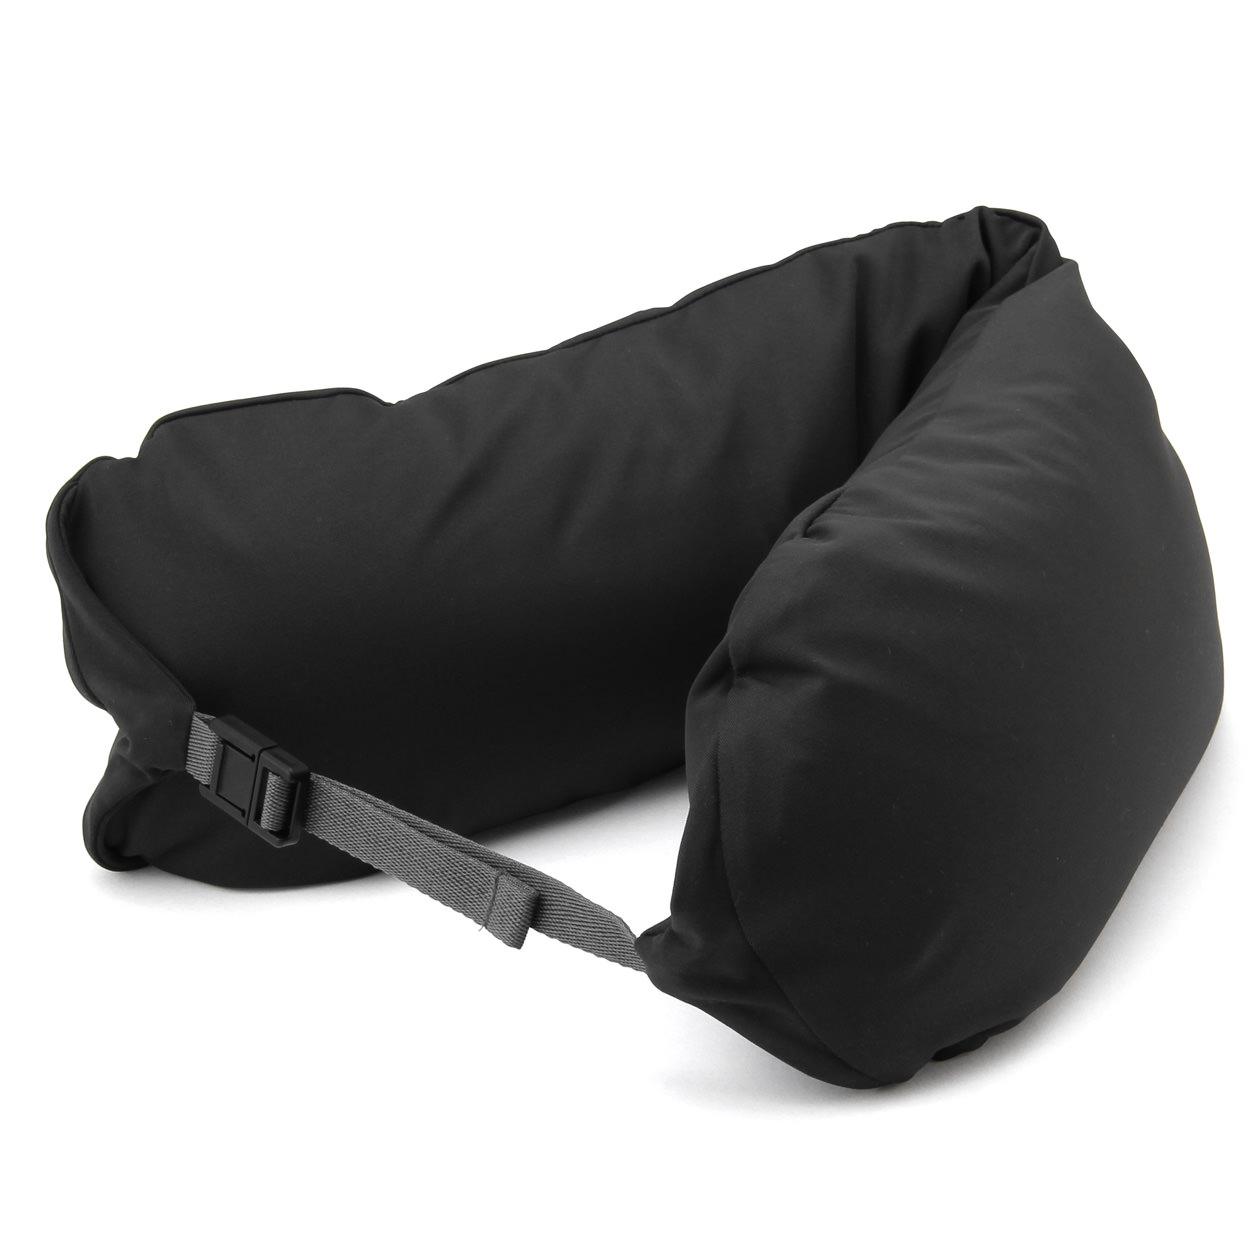 MUJI уютный шея модель подушка